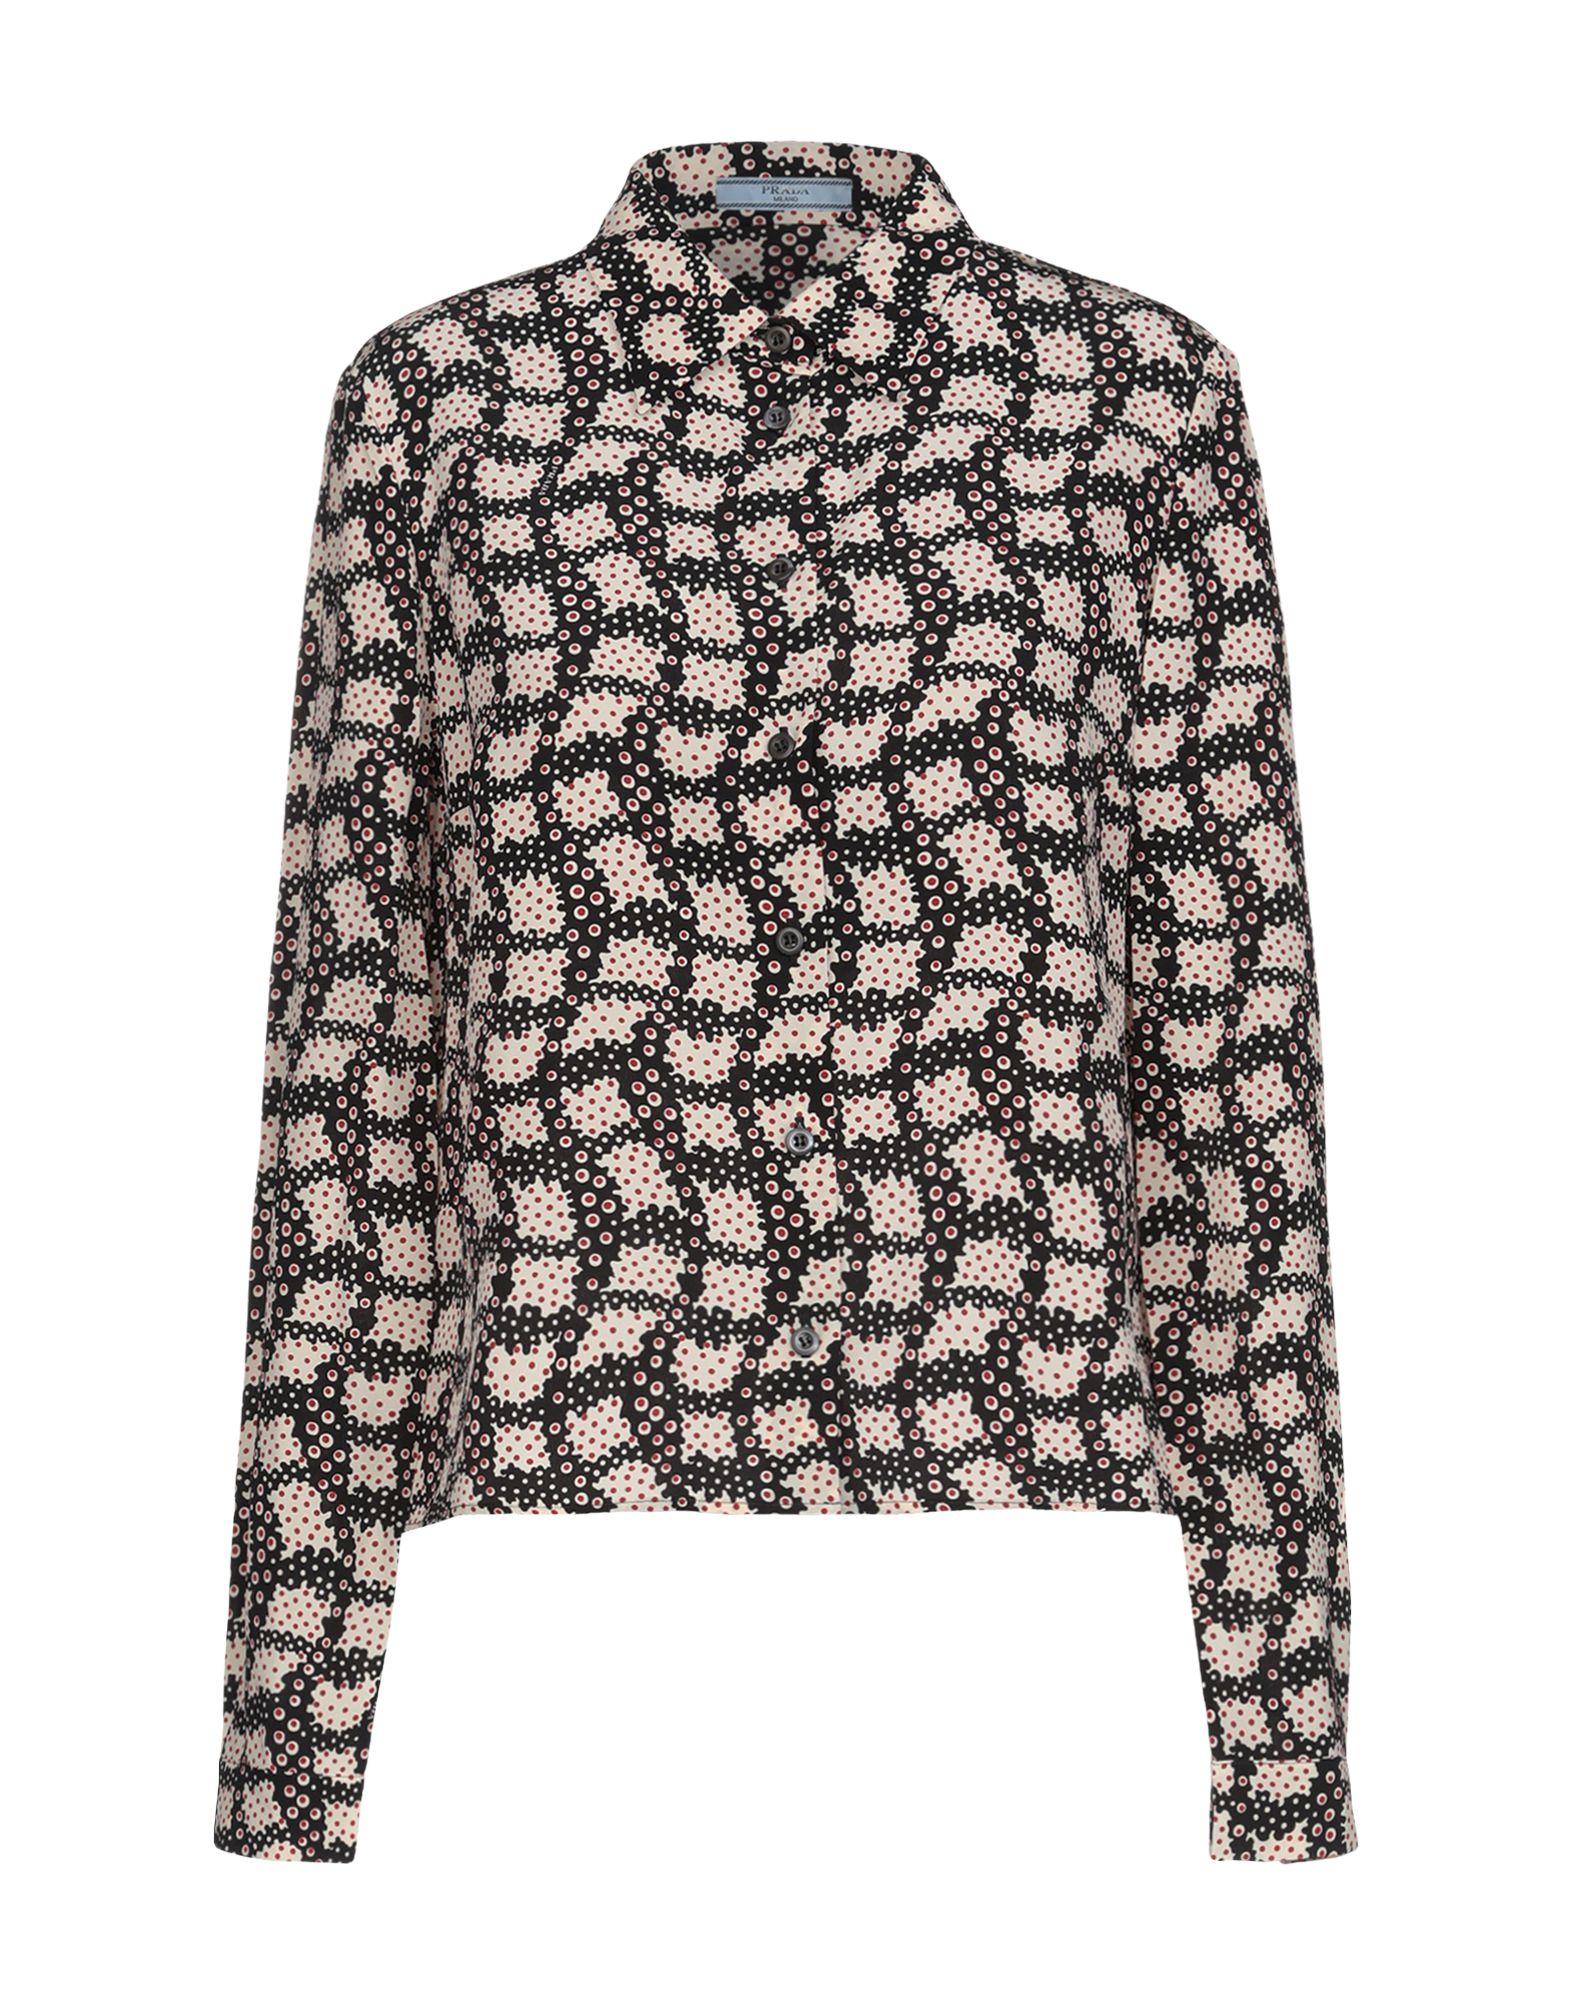 Camicie Camicie Camicie  E bluse Fantasia Prada donna - 38782147DF f7a